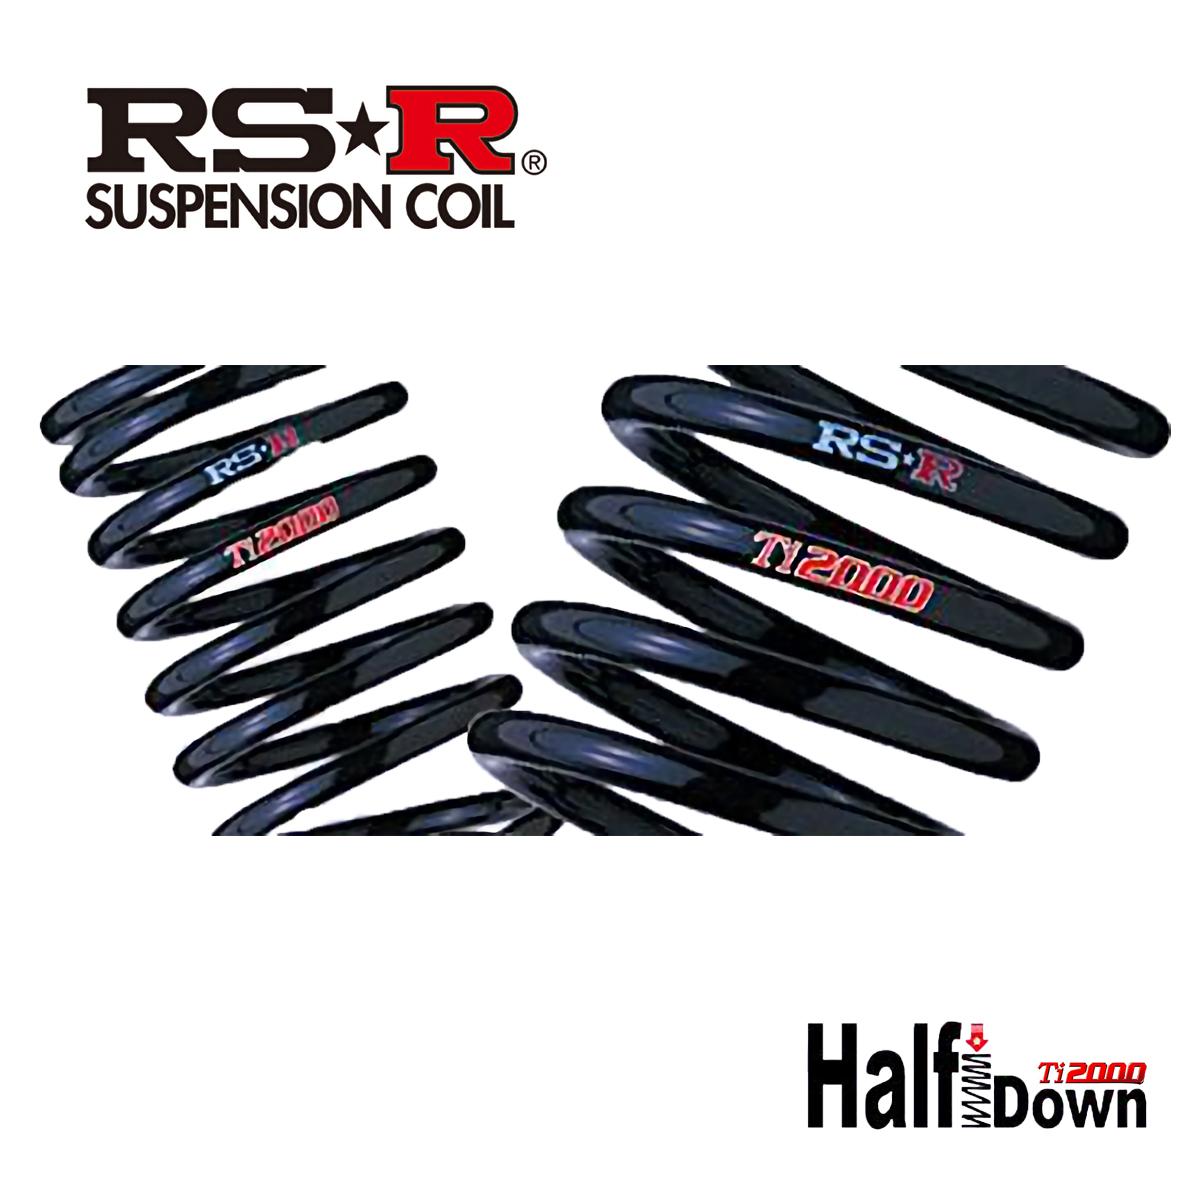 RS-R 定番の人気シリーズPOINT ポイント 今だけスーパーセール限定 入荷 ルーミー M900A ダウンサス スプリング フロント T513THDF DOWN ハーフダウン カスタムG-T 個人宅発送追金有 RSR HALF Ti2000